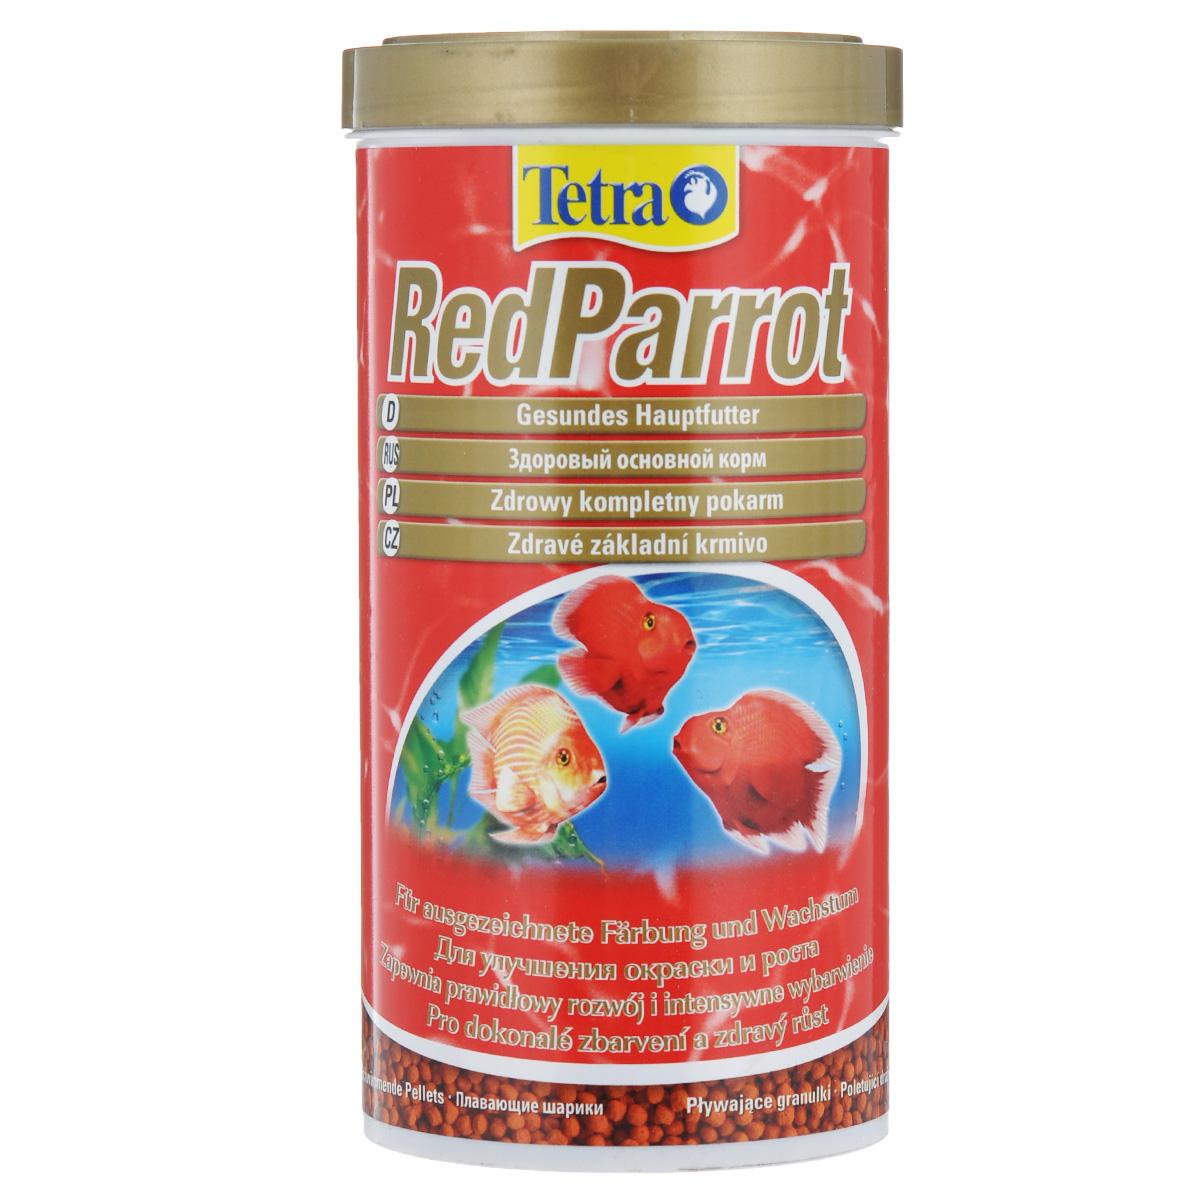 Корм сухой Tetra RedParrot, для красных попугаев, в виде шариков, 1 л199033Tetra RedParrot - разработан специально для удовлетворения специфических потребностей красных попугаев в питании. Этот корм в виде шариков среднего размера особенно рекомендован большим красным попугаям. Особенности корма Tetra RedParrot: - содержит натуральные усилители цветовой окраски и выделения красных пигментов; - усиление окраски заметно уже через две недели при кормлении только Tetra RedParrot; - оптимальная рецептура обеспечивает хорошую усваиваемость и улучшение роста; - произведено в Германии, строгий контроль качества в соответствии с нормами ISO 9001 гарантируют здоровое питание. Рекомендации по кормлению: кормить несколько раз в день маленькими порциями. Характеристики: Состав: зерновые культуры, экстракты растительного белка, рыба и побочные рыбные продукты, дрожжи, моллюски и раки, масла и жиры, минеральные вещества, водоросли. Пищевая ценность: сырой белок - 42%, сырые масла и жиры -...